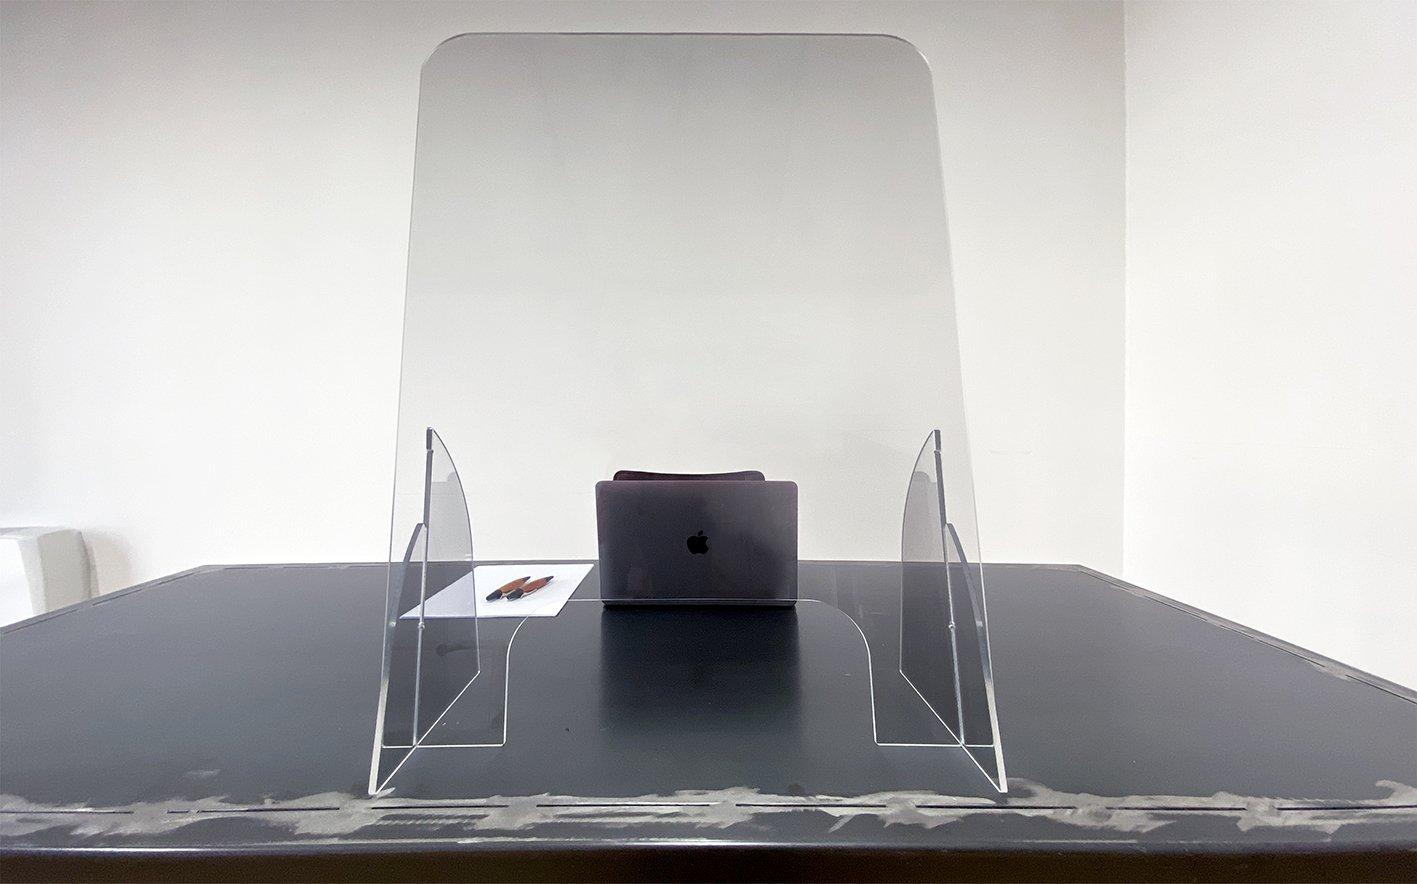 Divisori In Plexiglass Per Esterni barriere parafiato in plexiglass con piedini